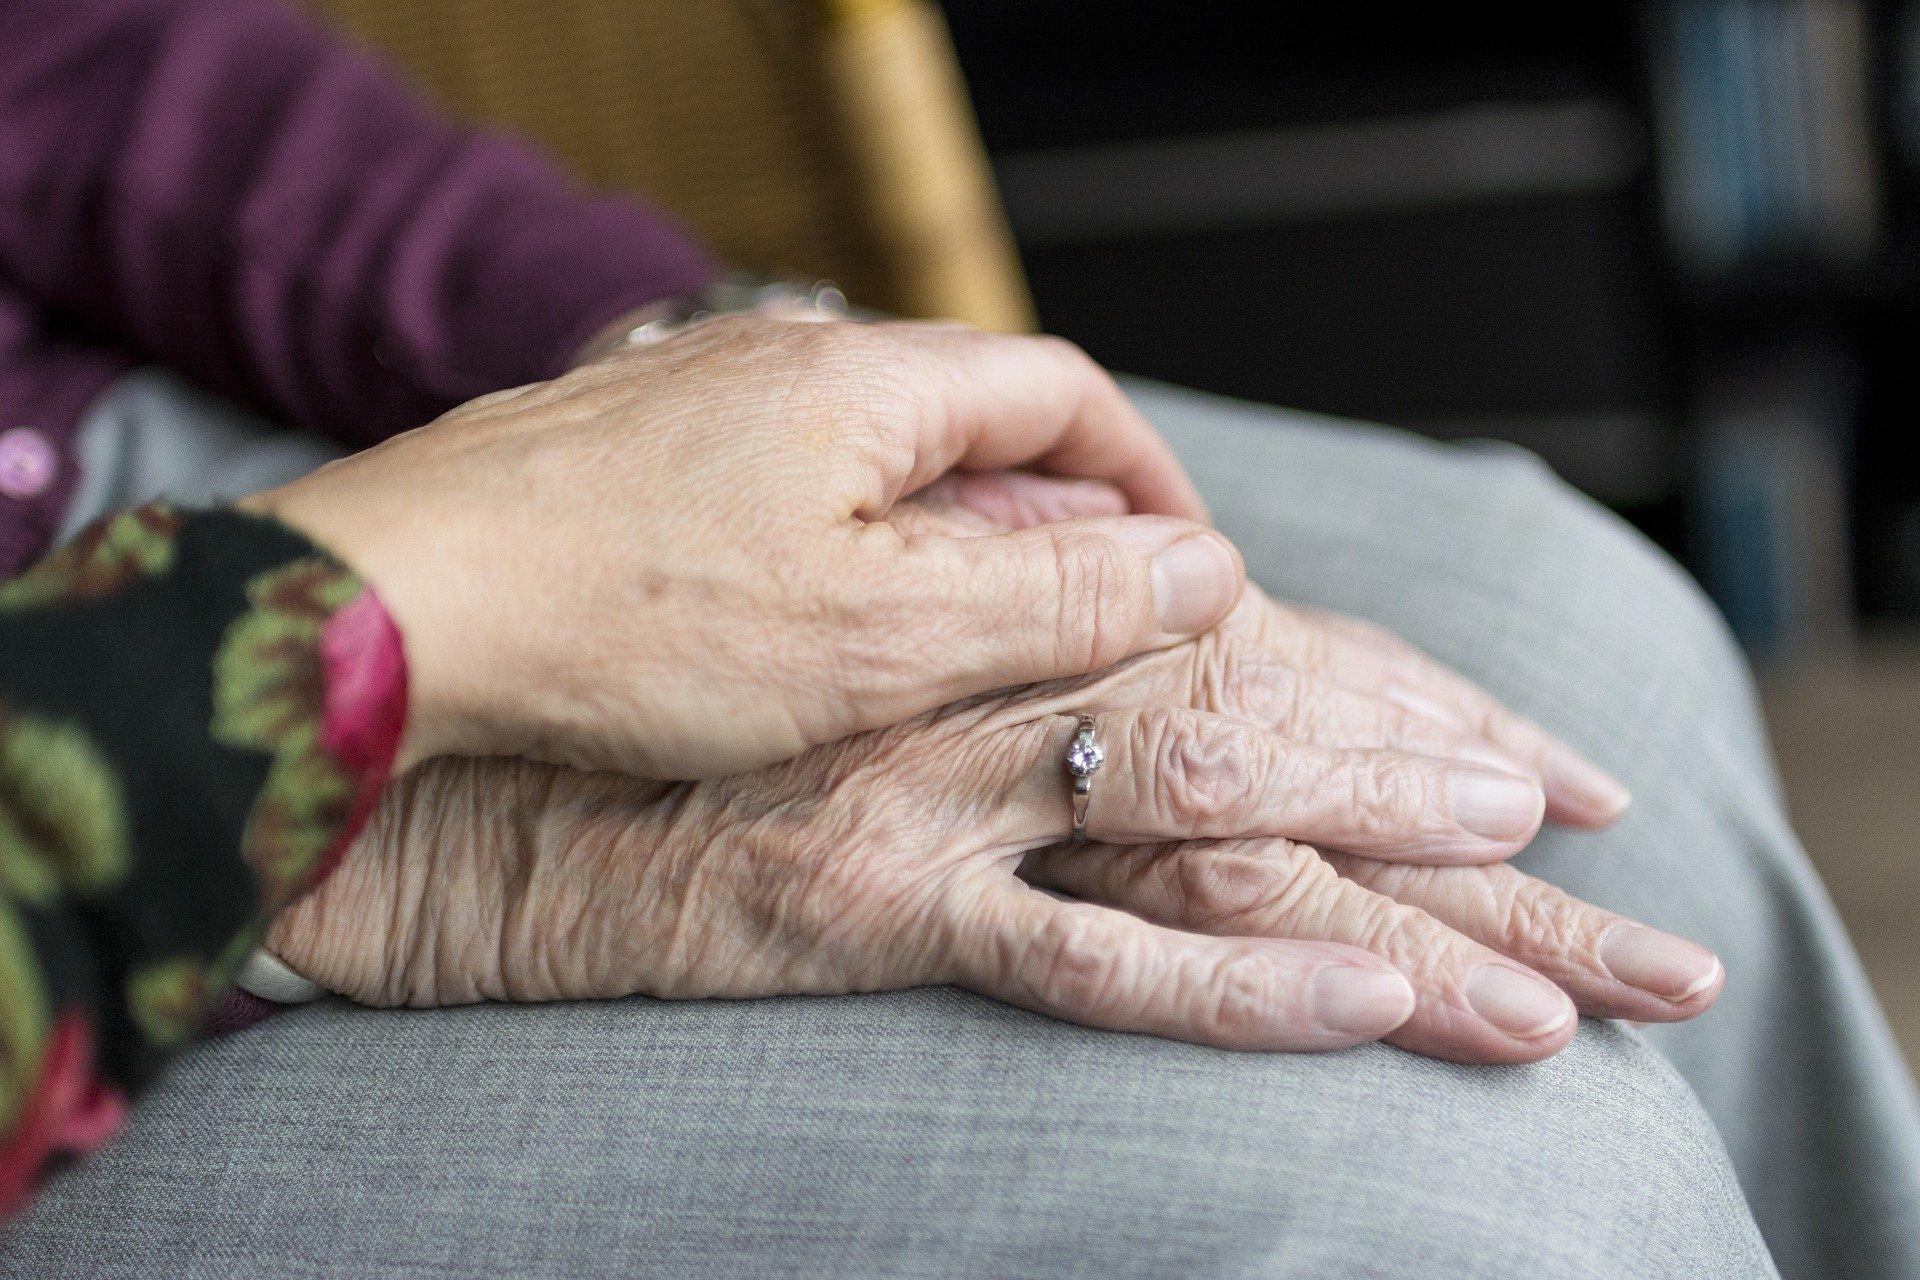 Imagen de la noticia Cómo construir relaciones de pareja duraderas